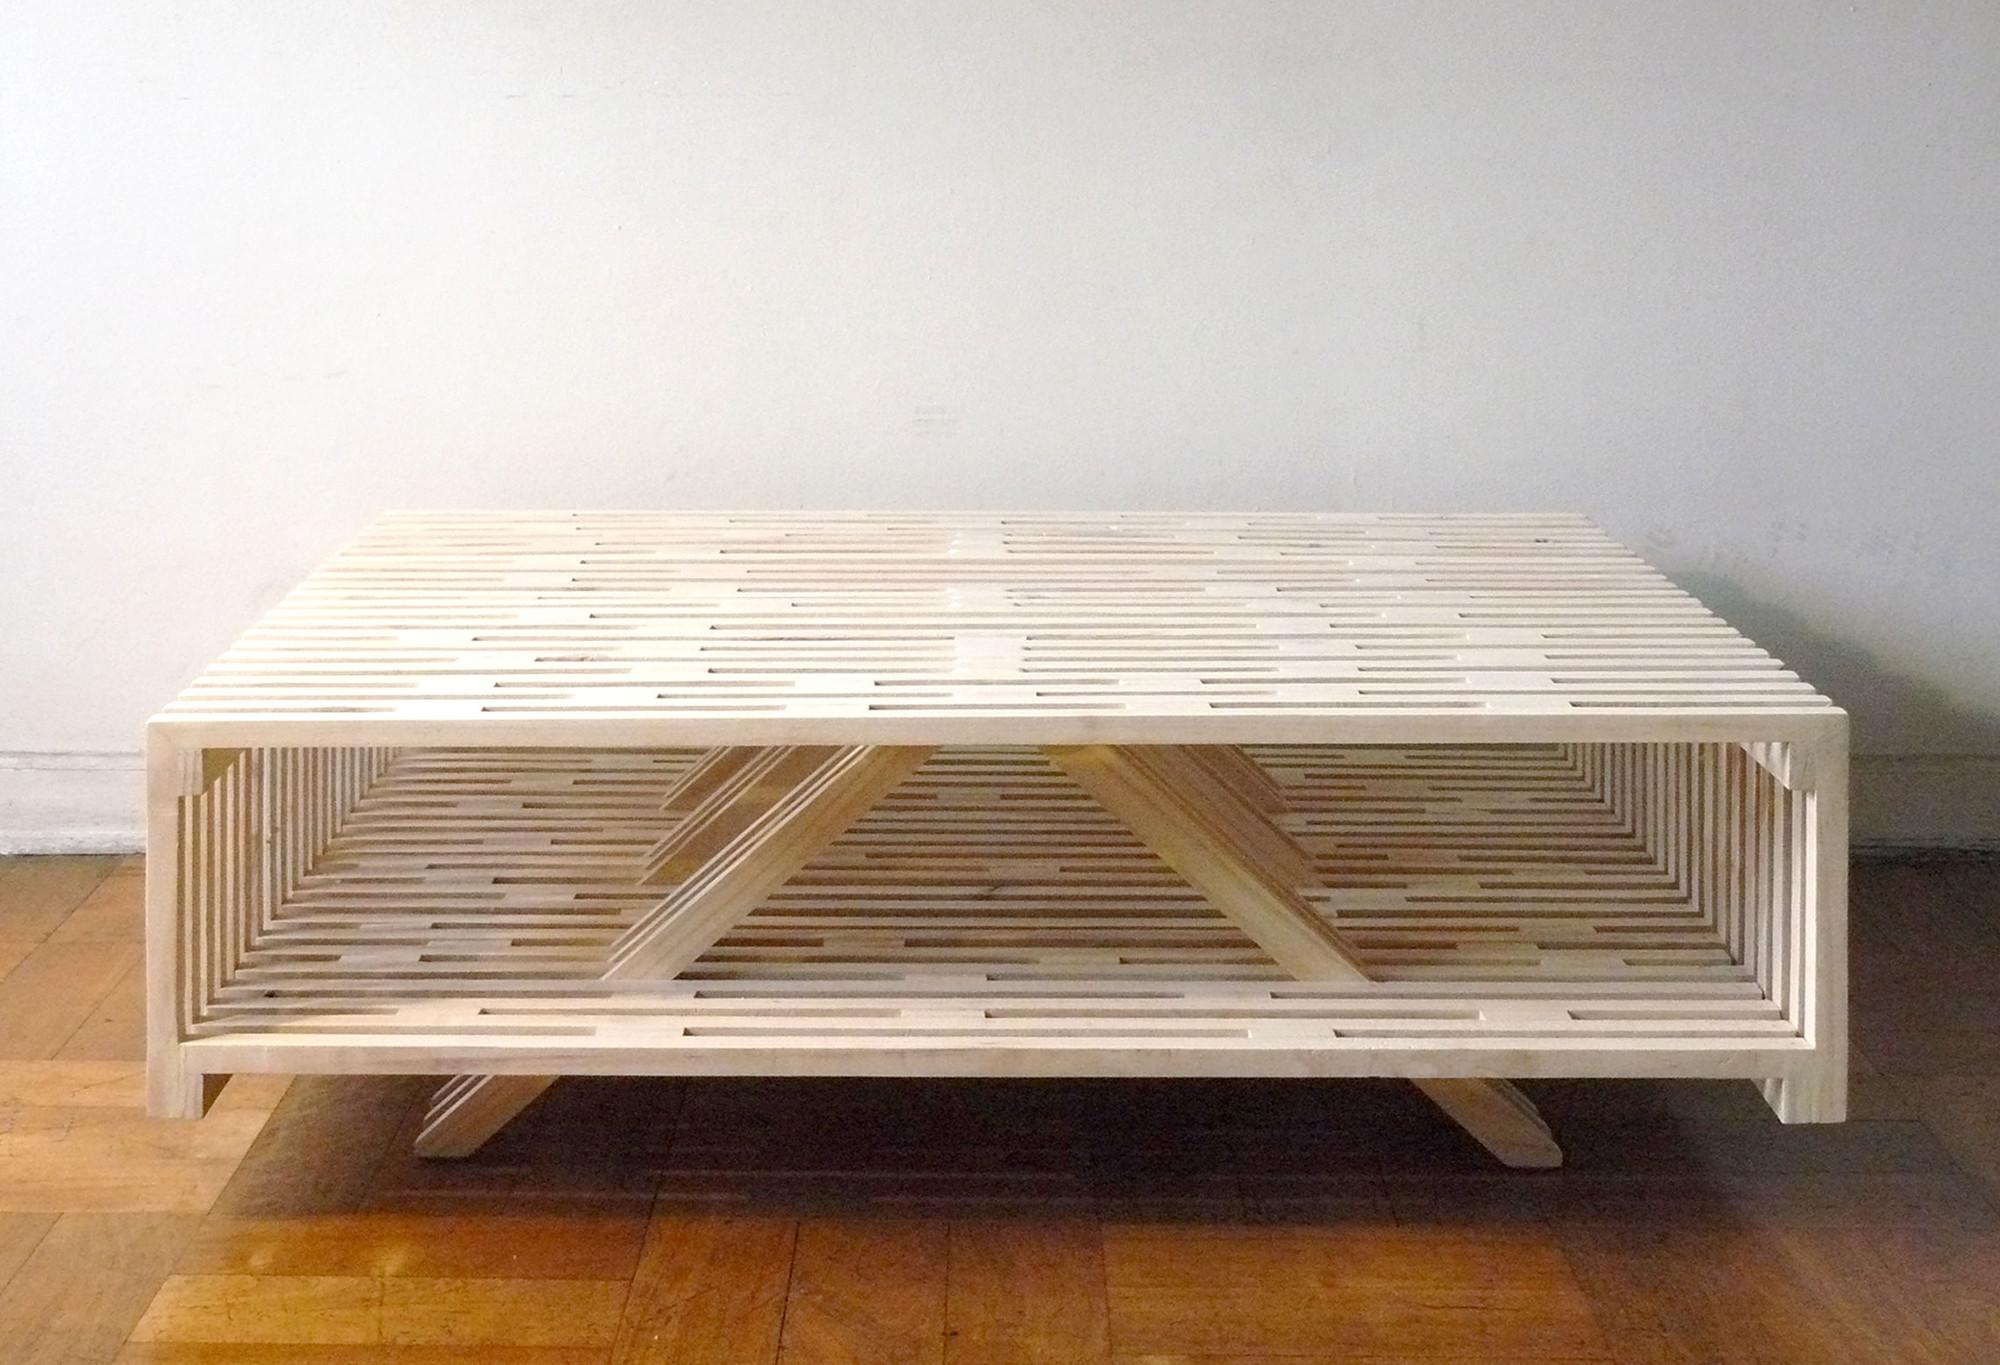 Mesa de centro a sebasti n erazo plataforma arquitectura - Mesas de centro estrechas ...